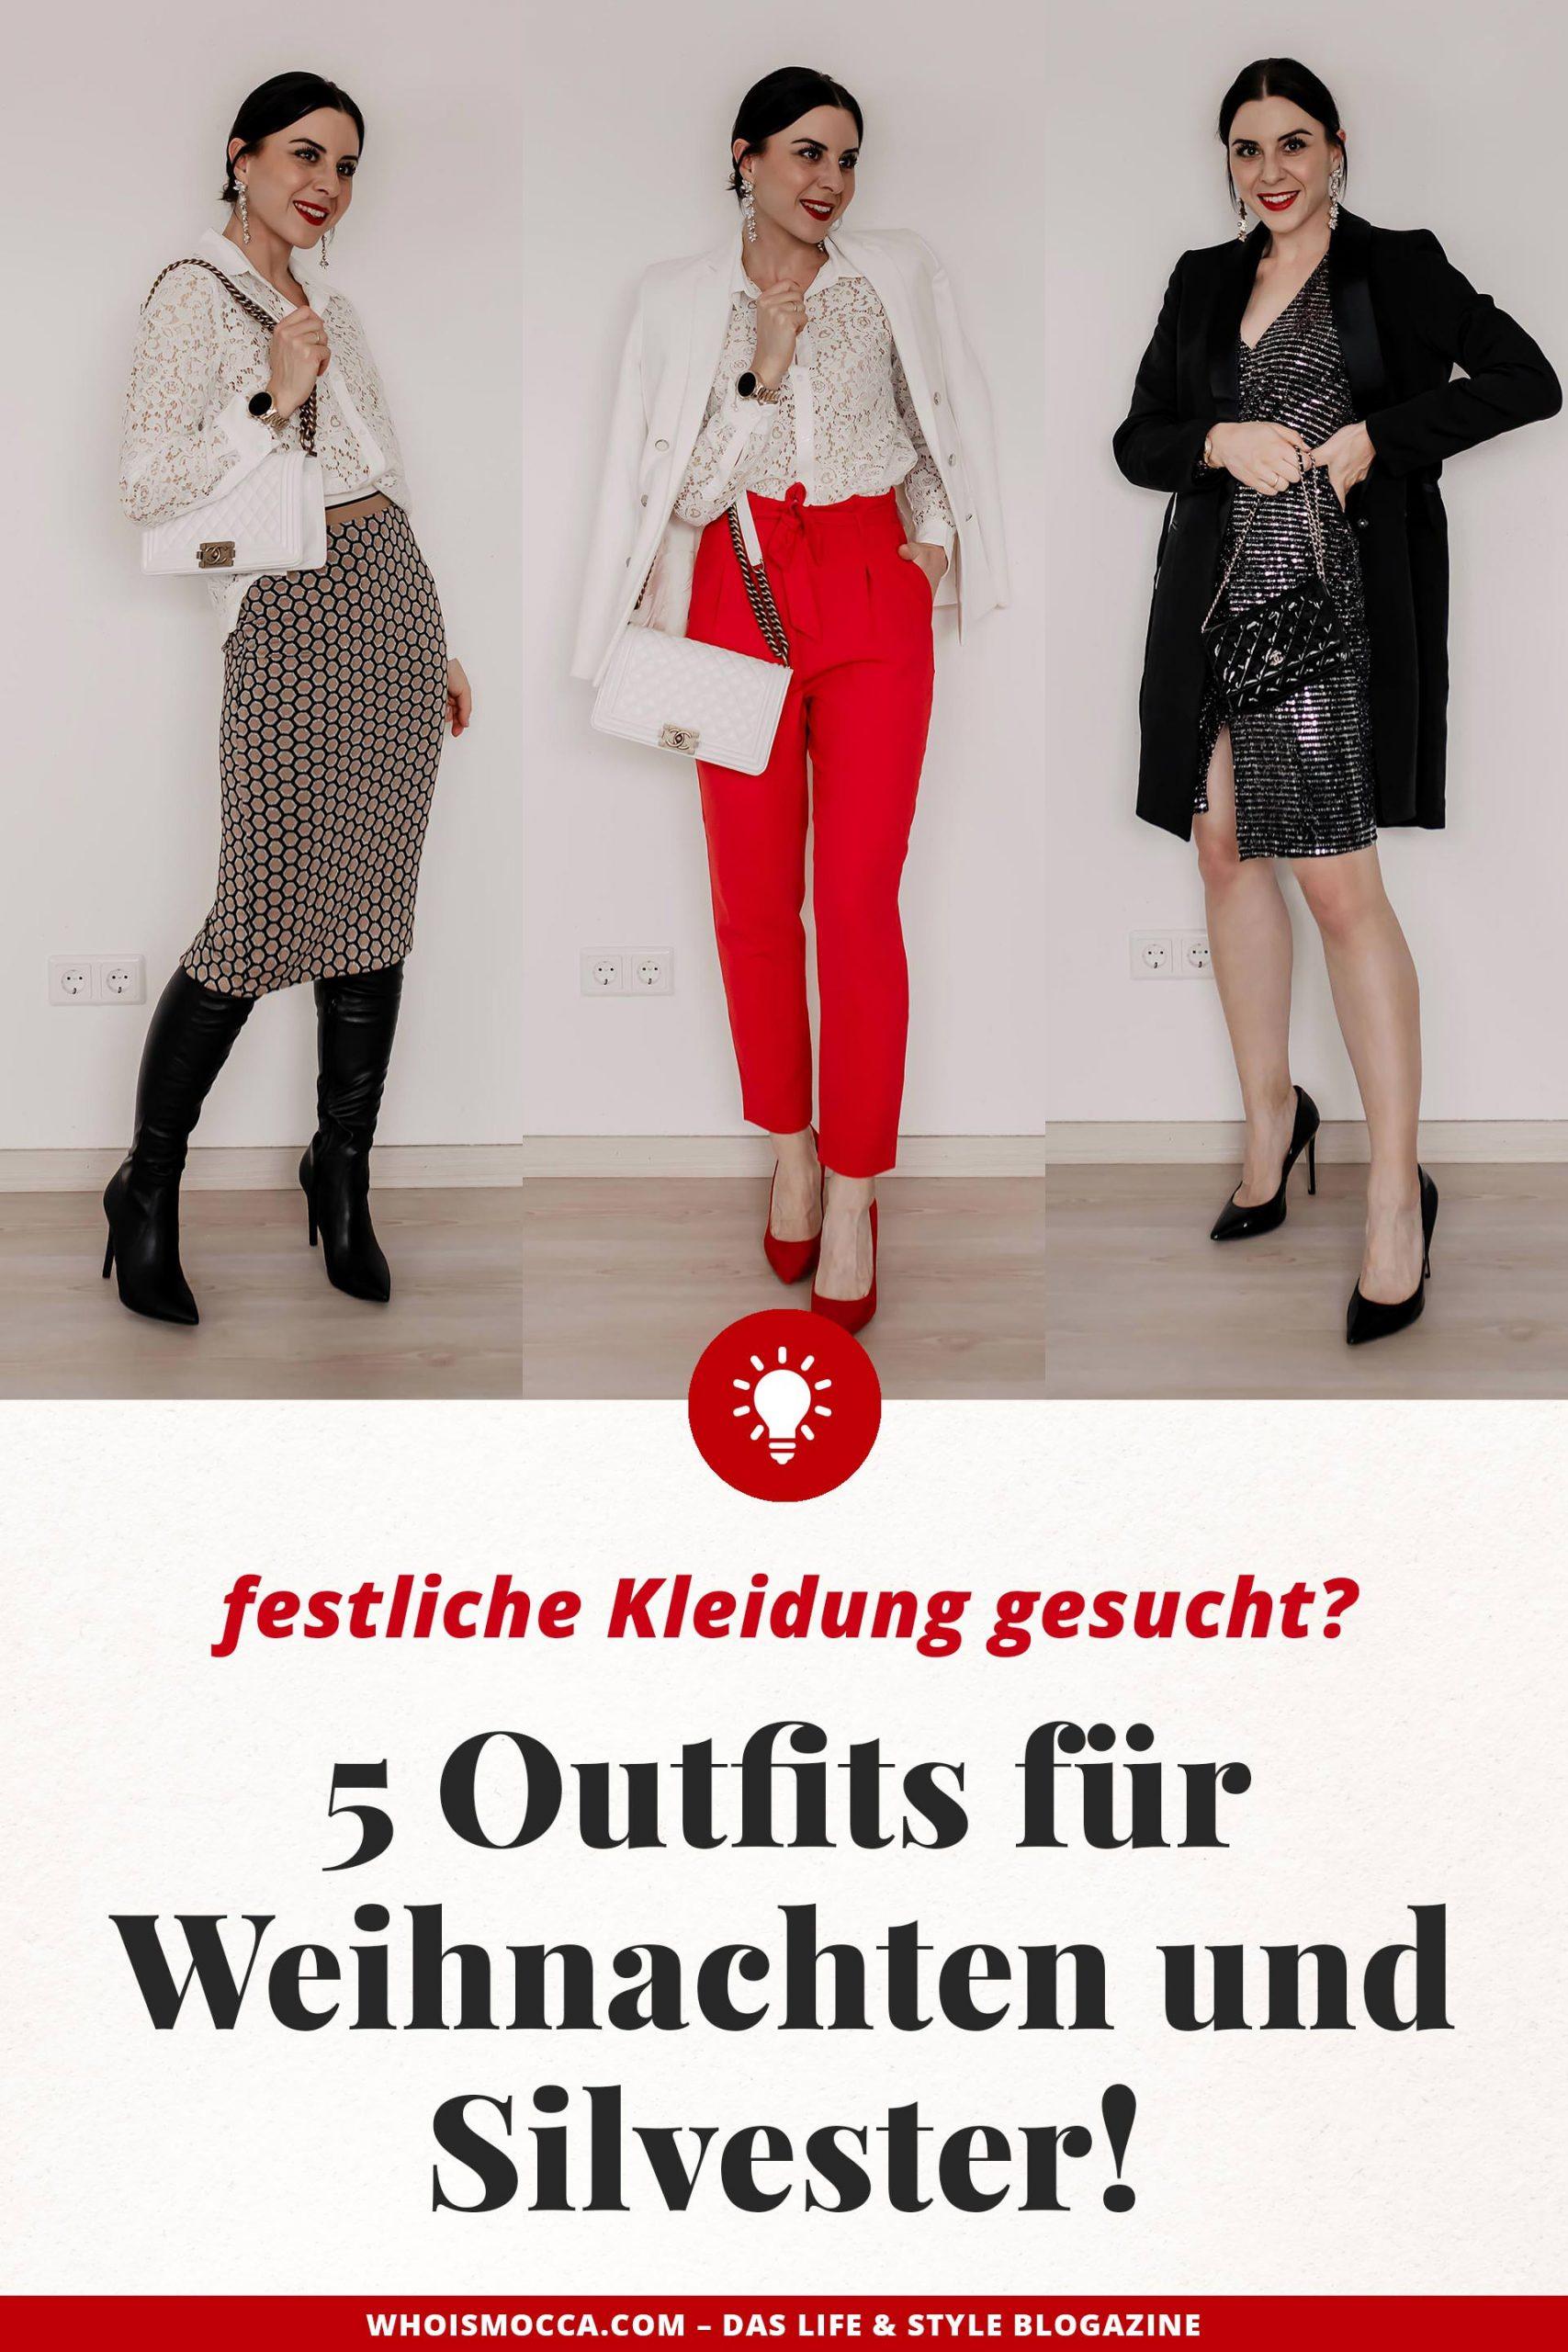 Luxurius Schicke Kleider Weihnachtsfeier Stylish15 Spektakulär Schicke Kleider Weihnachtsfeier Ärmel